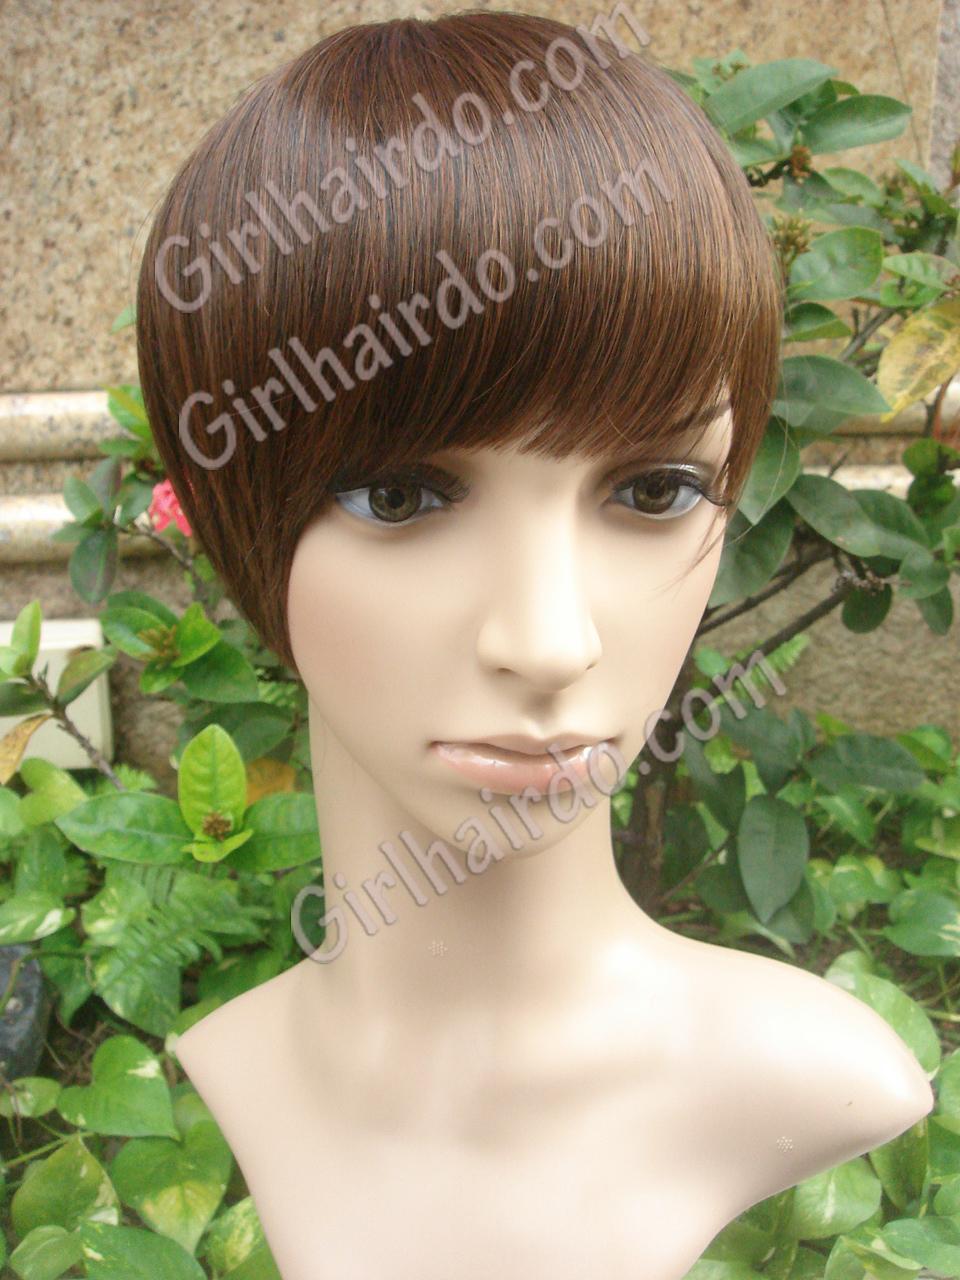 https://www.girlhairdo.com/product_images/uploaded_images/0027w2230.jpg